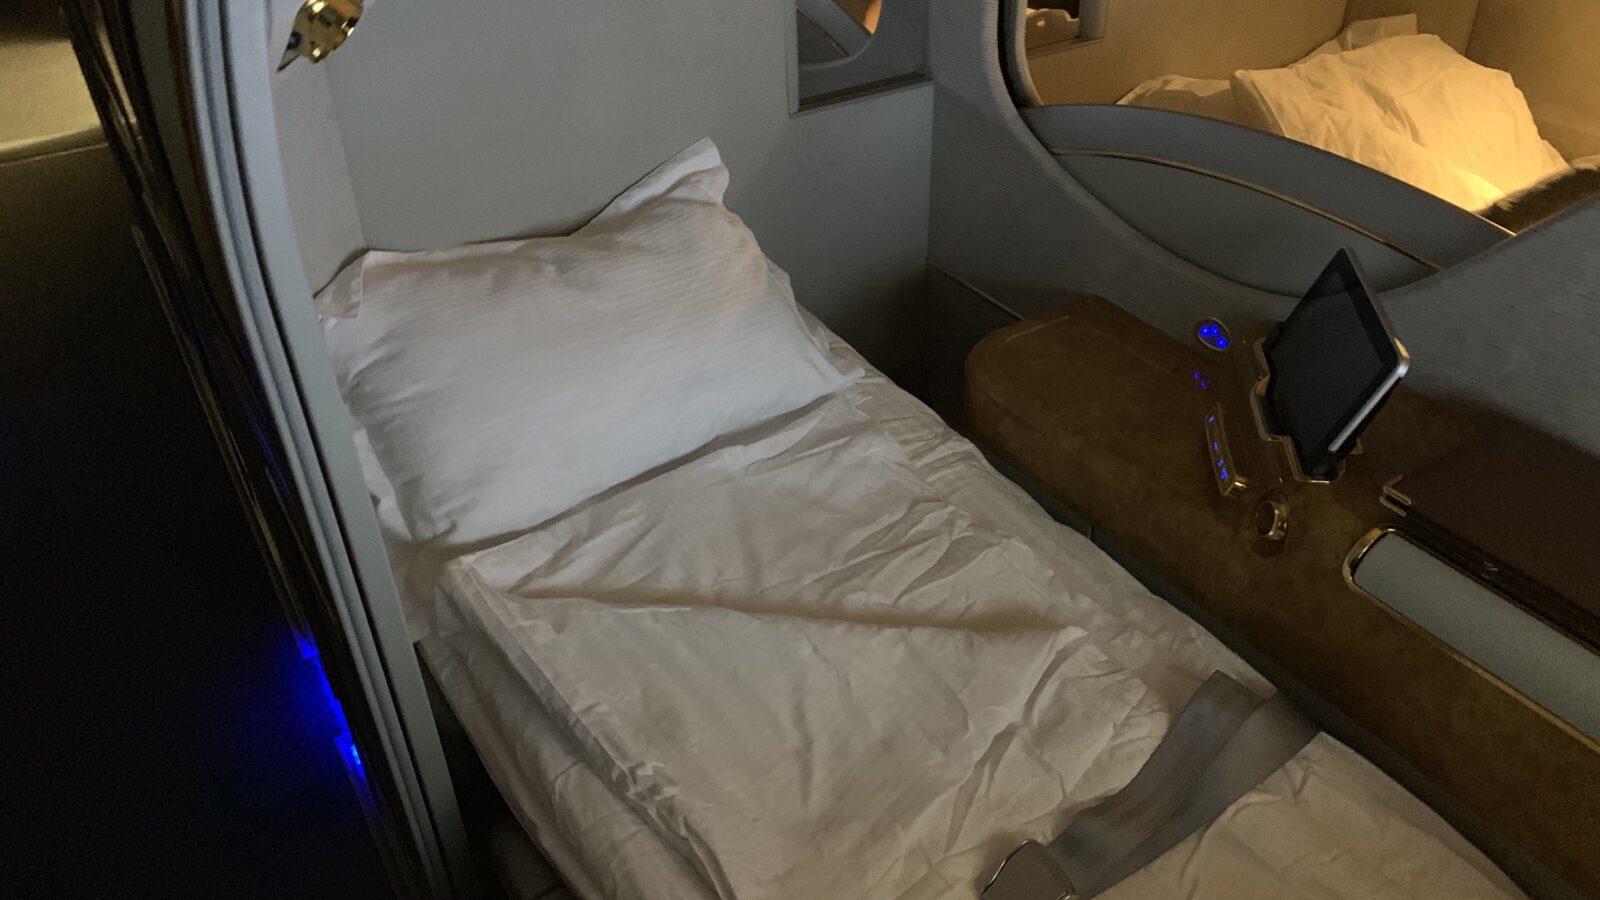 Lit à bord de la Première Classe dans le Airbus A380 d'Emirates